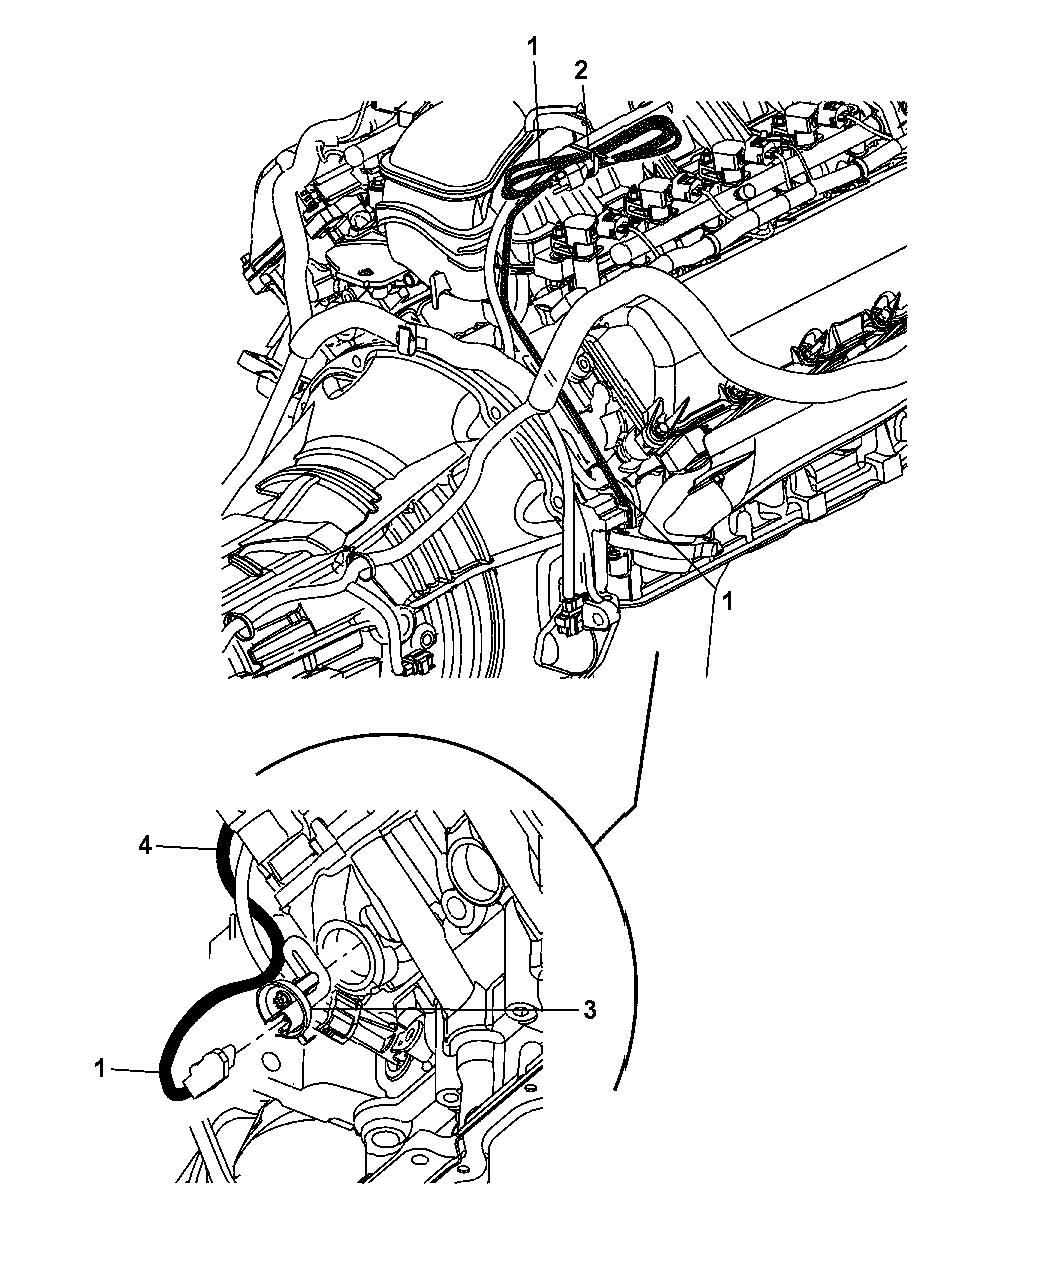 2010 Dodge Ram 1500 Engine Diagram